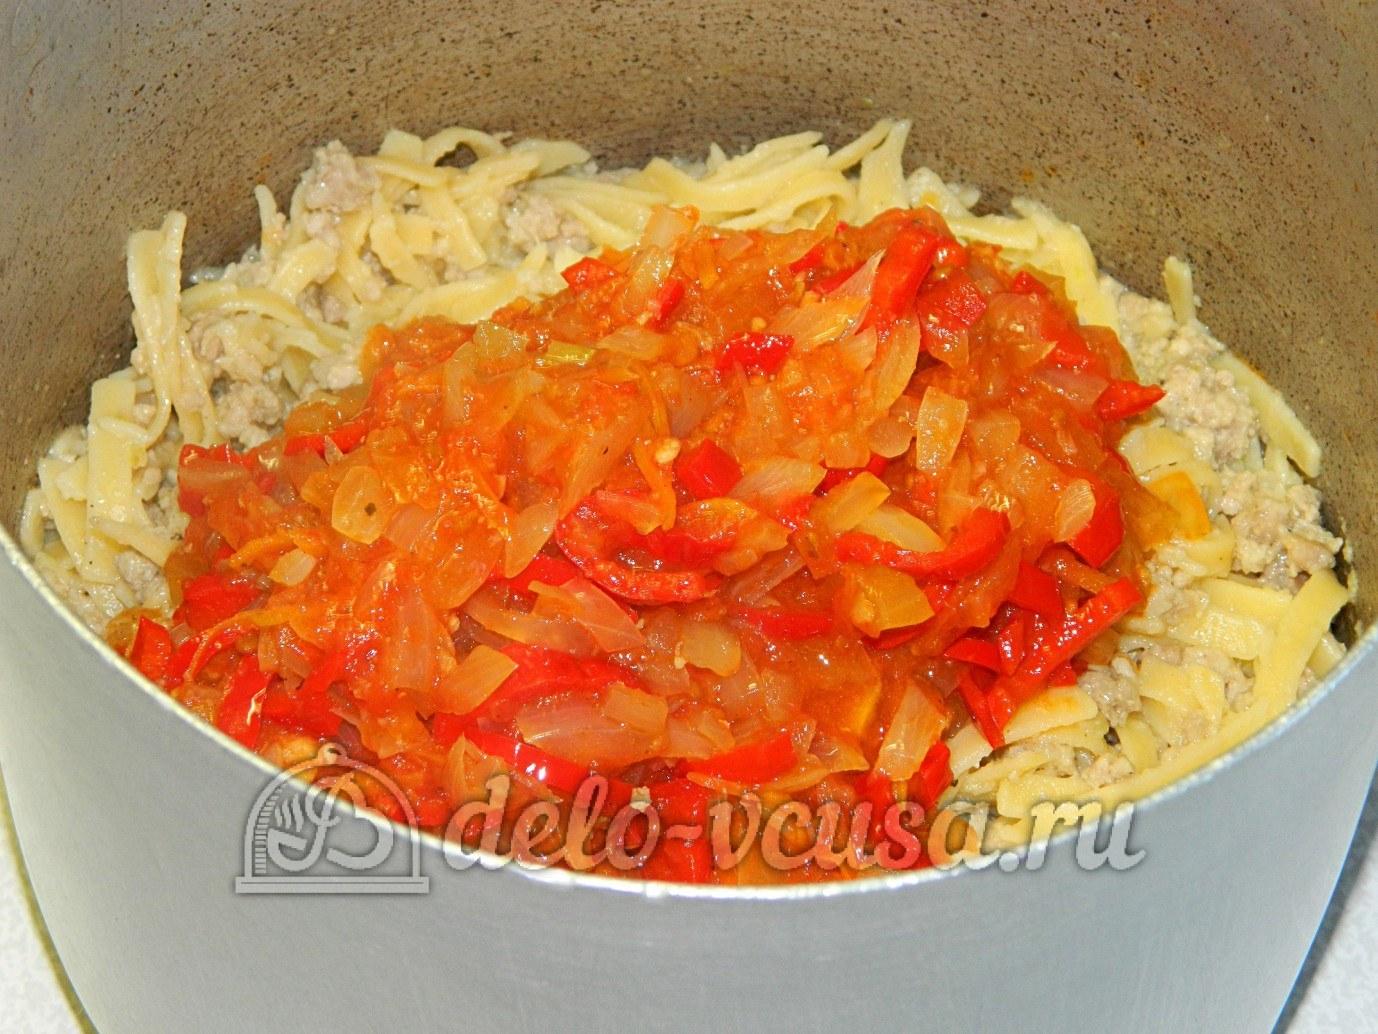 Яичная лапша с мясом и овощами: Добавить овощи к лапше